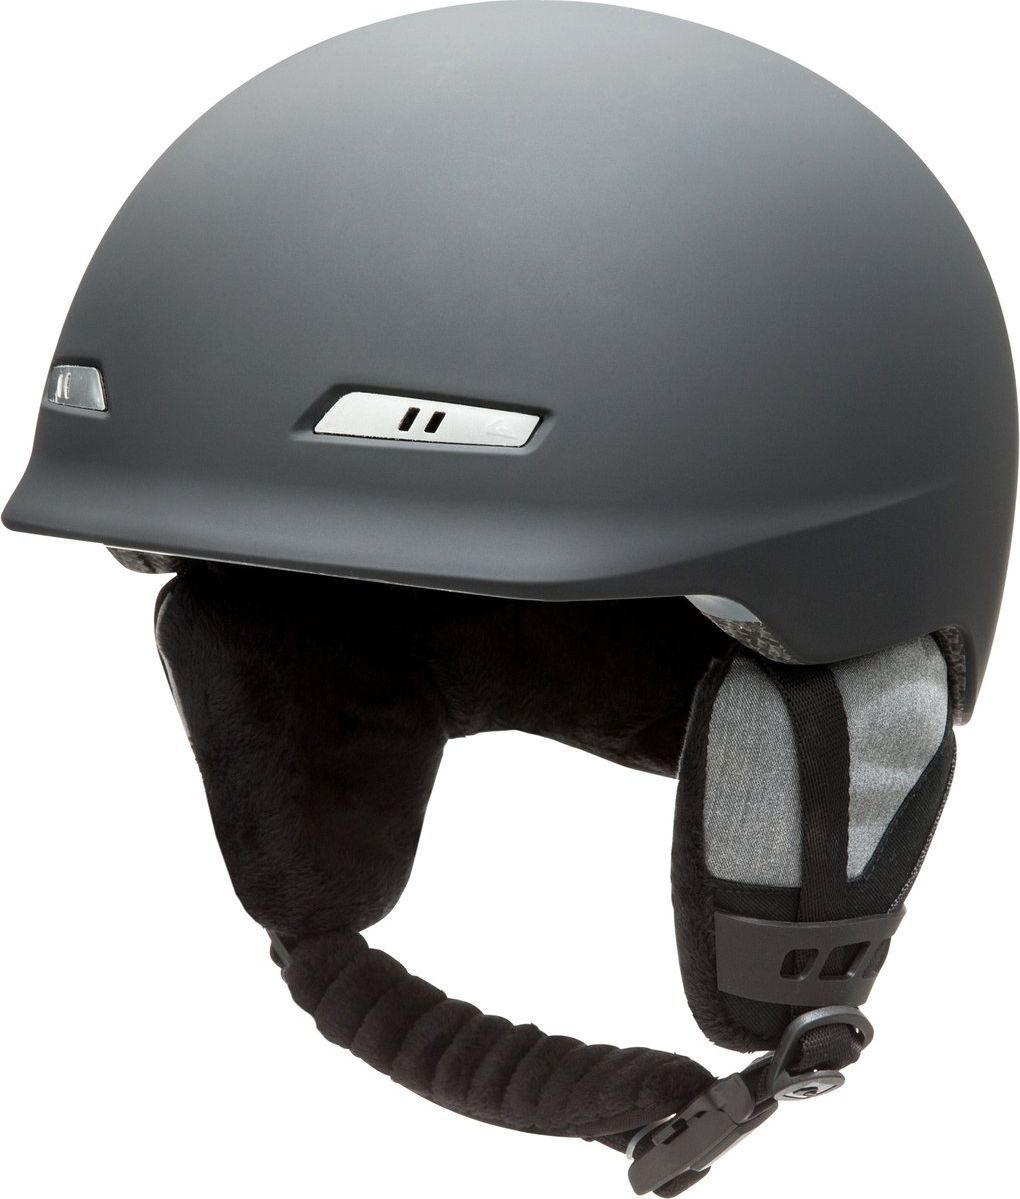 Шлем зимний мужской Quiksilver  EQYTL03017-KVJ0 , цвет: черный. Размер L - Горные лыжи